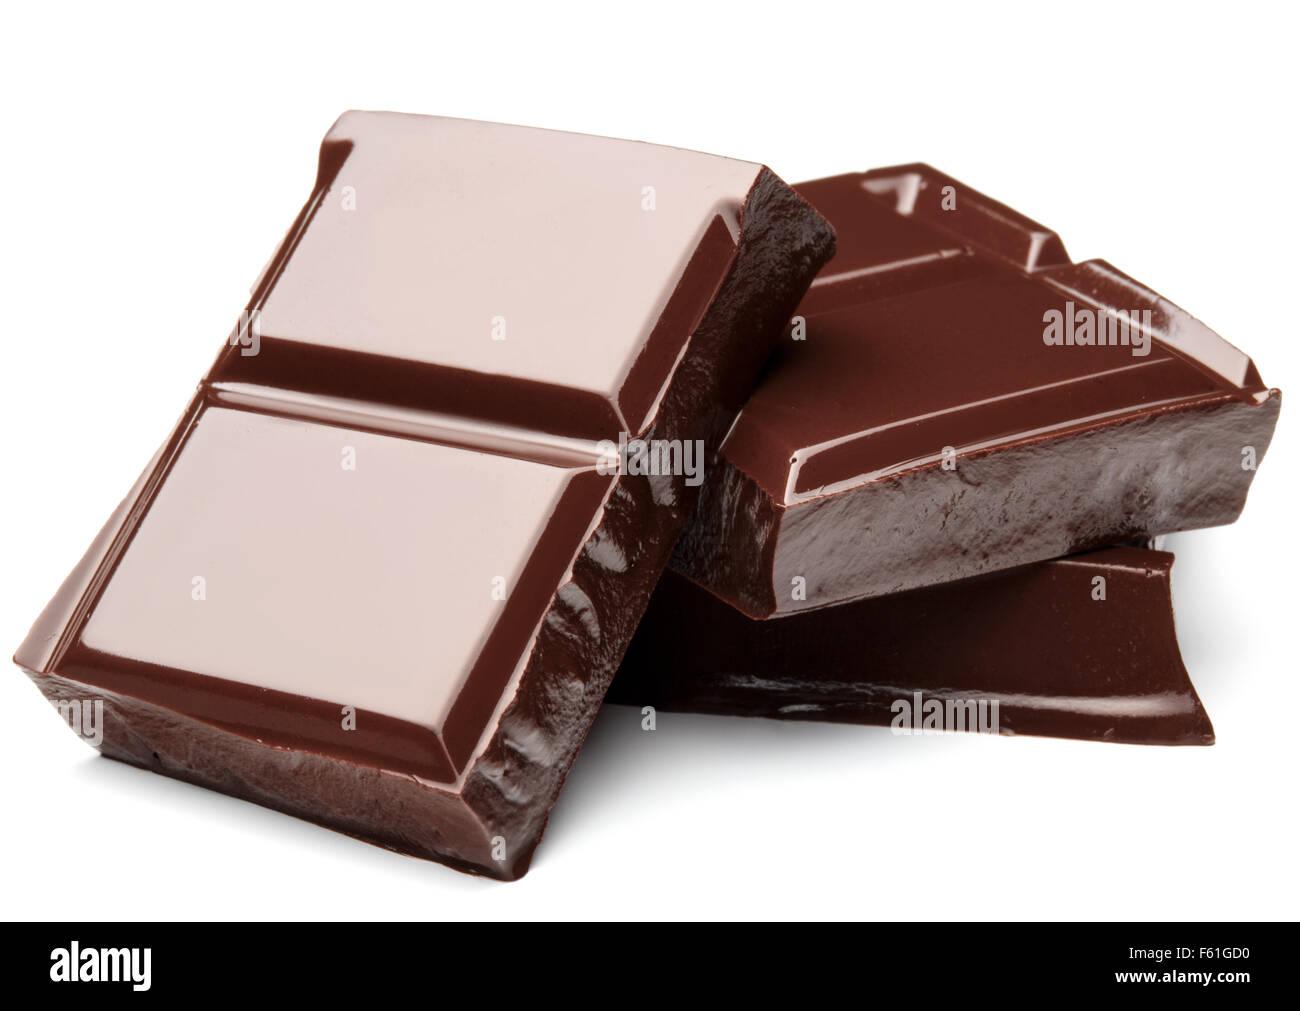 st ck dunkle schokolade isoliert auf wei em hintergrund ausschnitt stockfoto bild 89774636 alamy. Black Bedroom Furniture Sets. Home Design Ideas